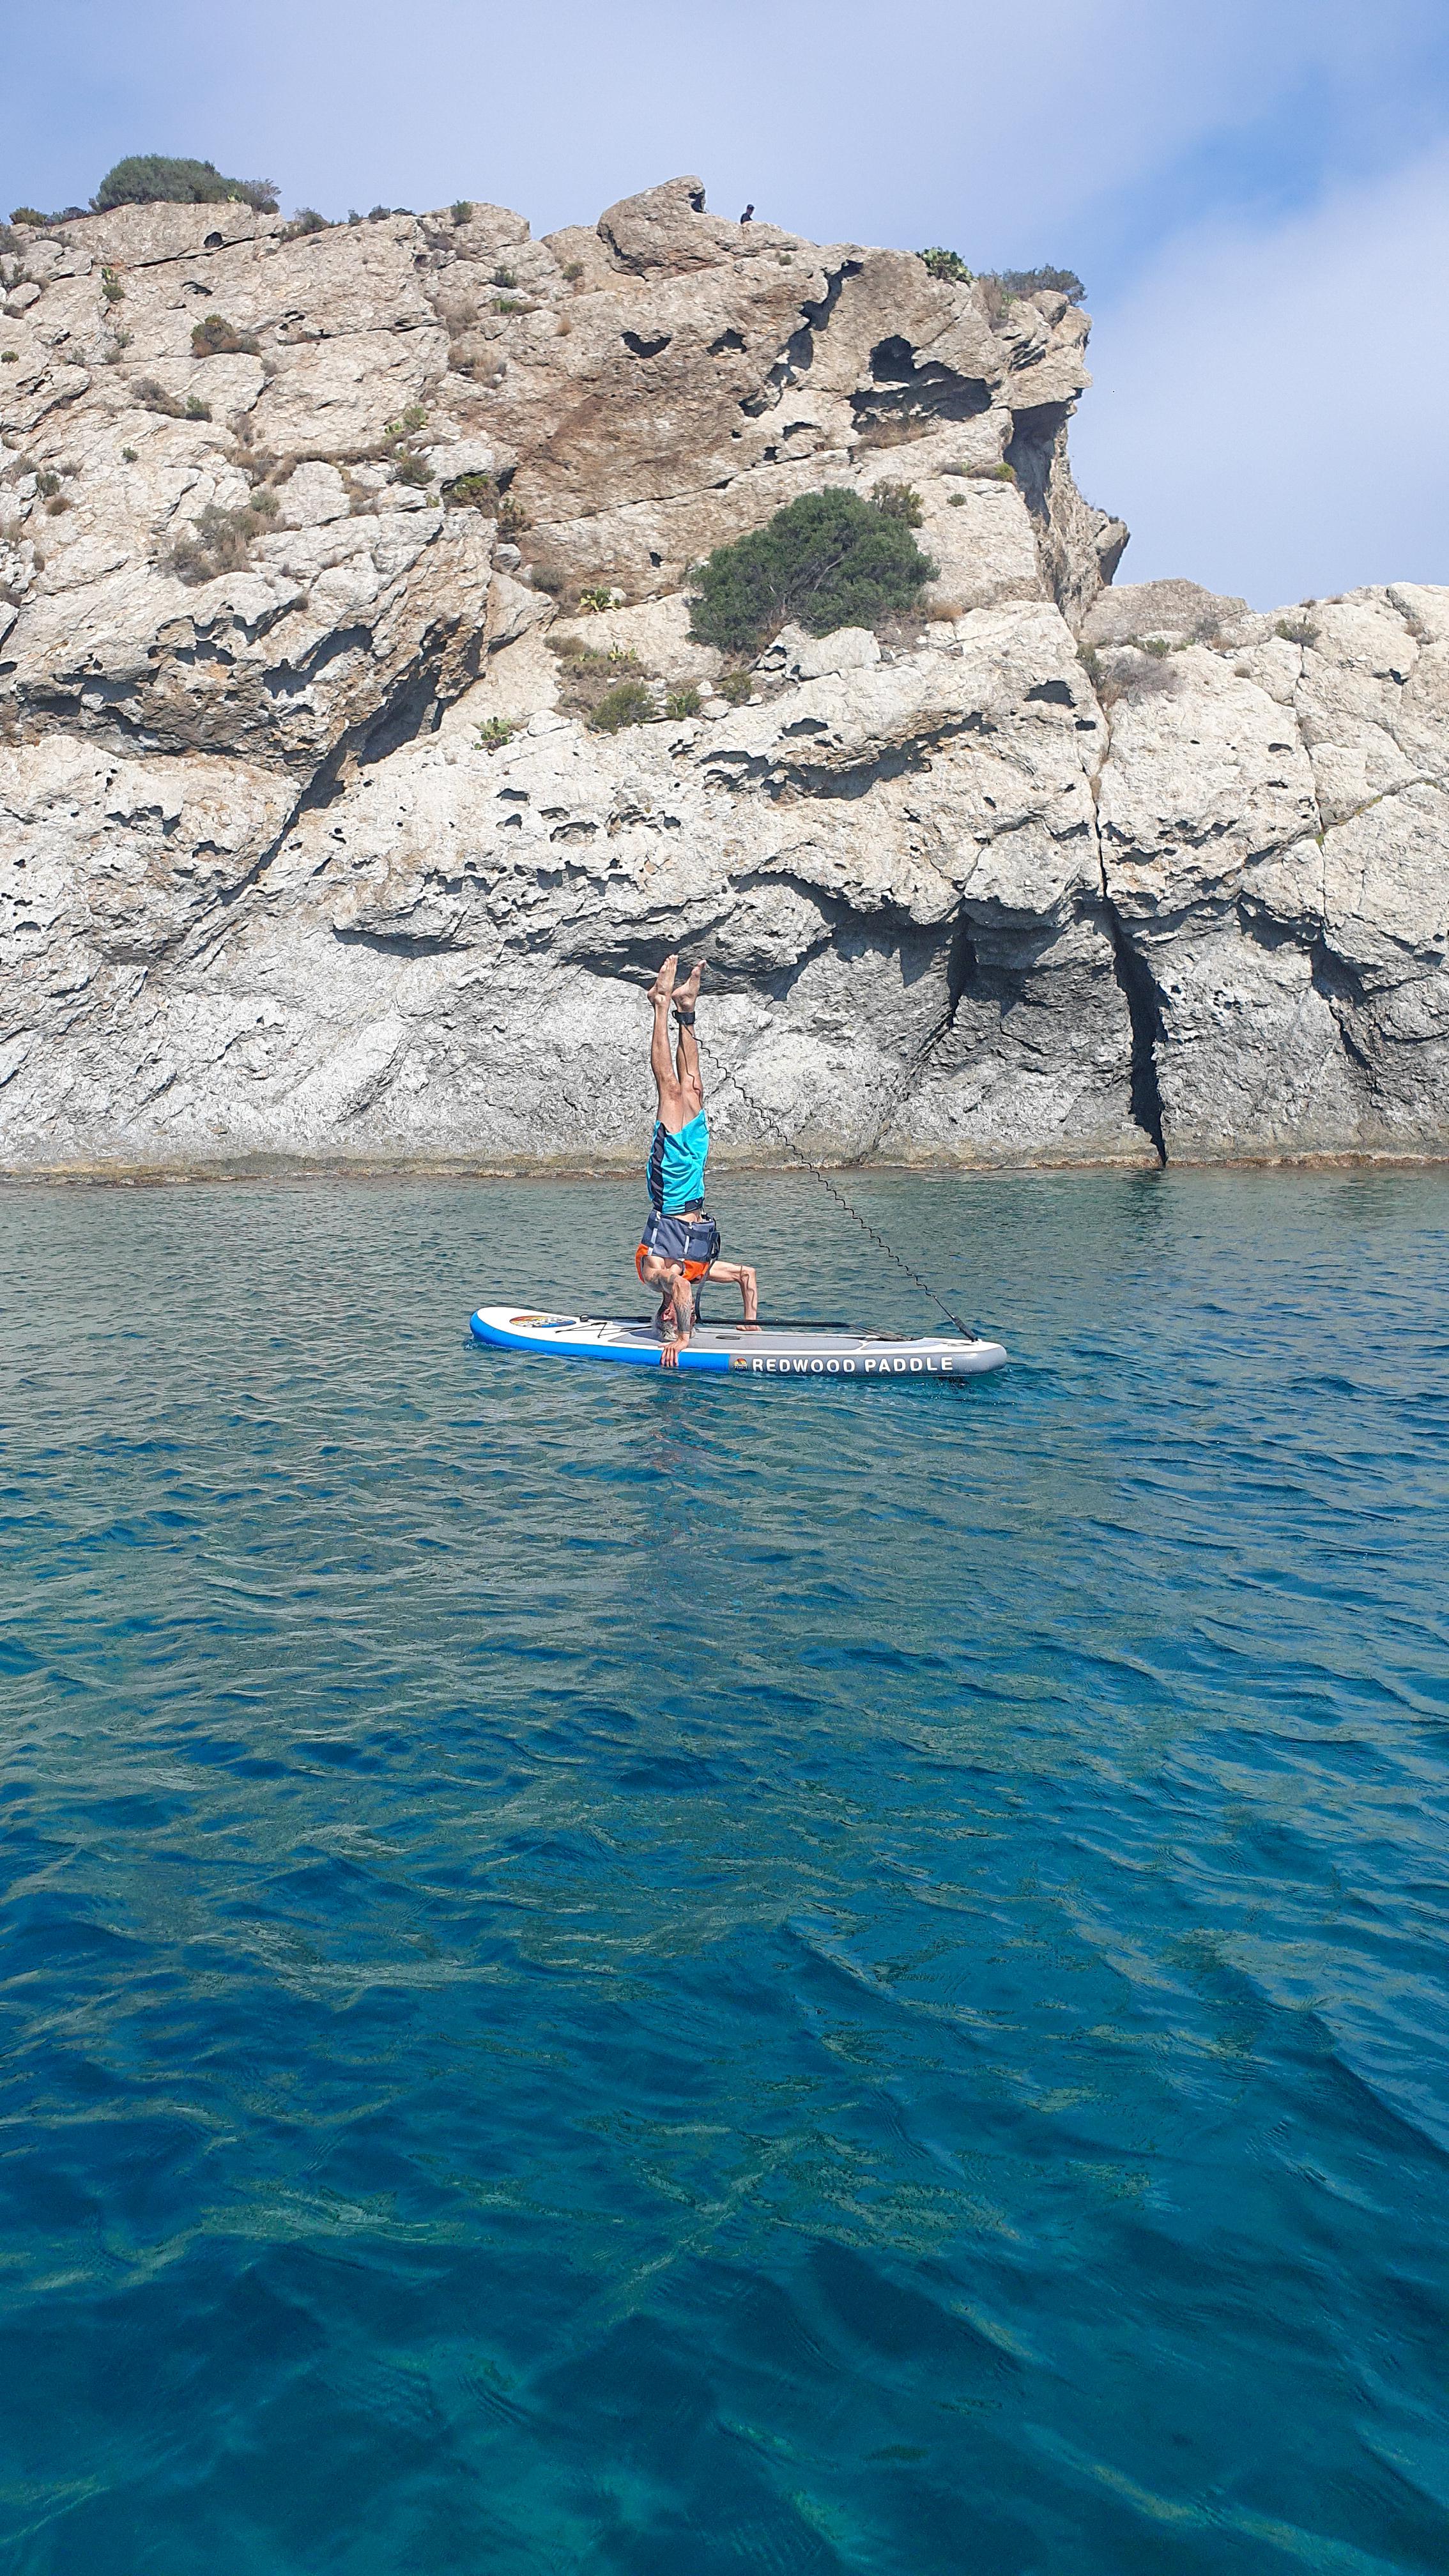 combiné croisière paddle en Pays Catalan